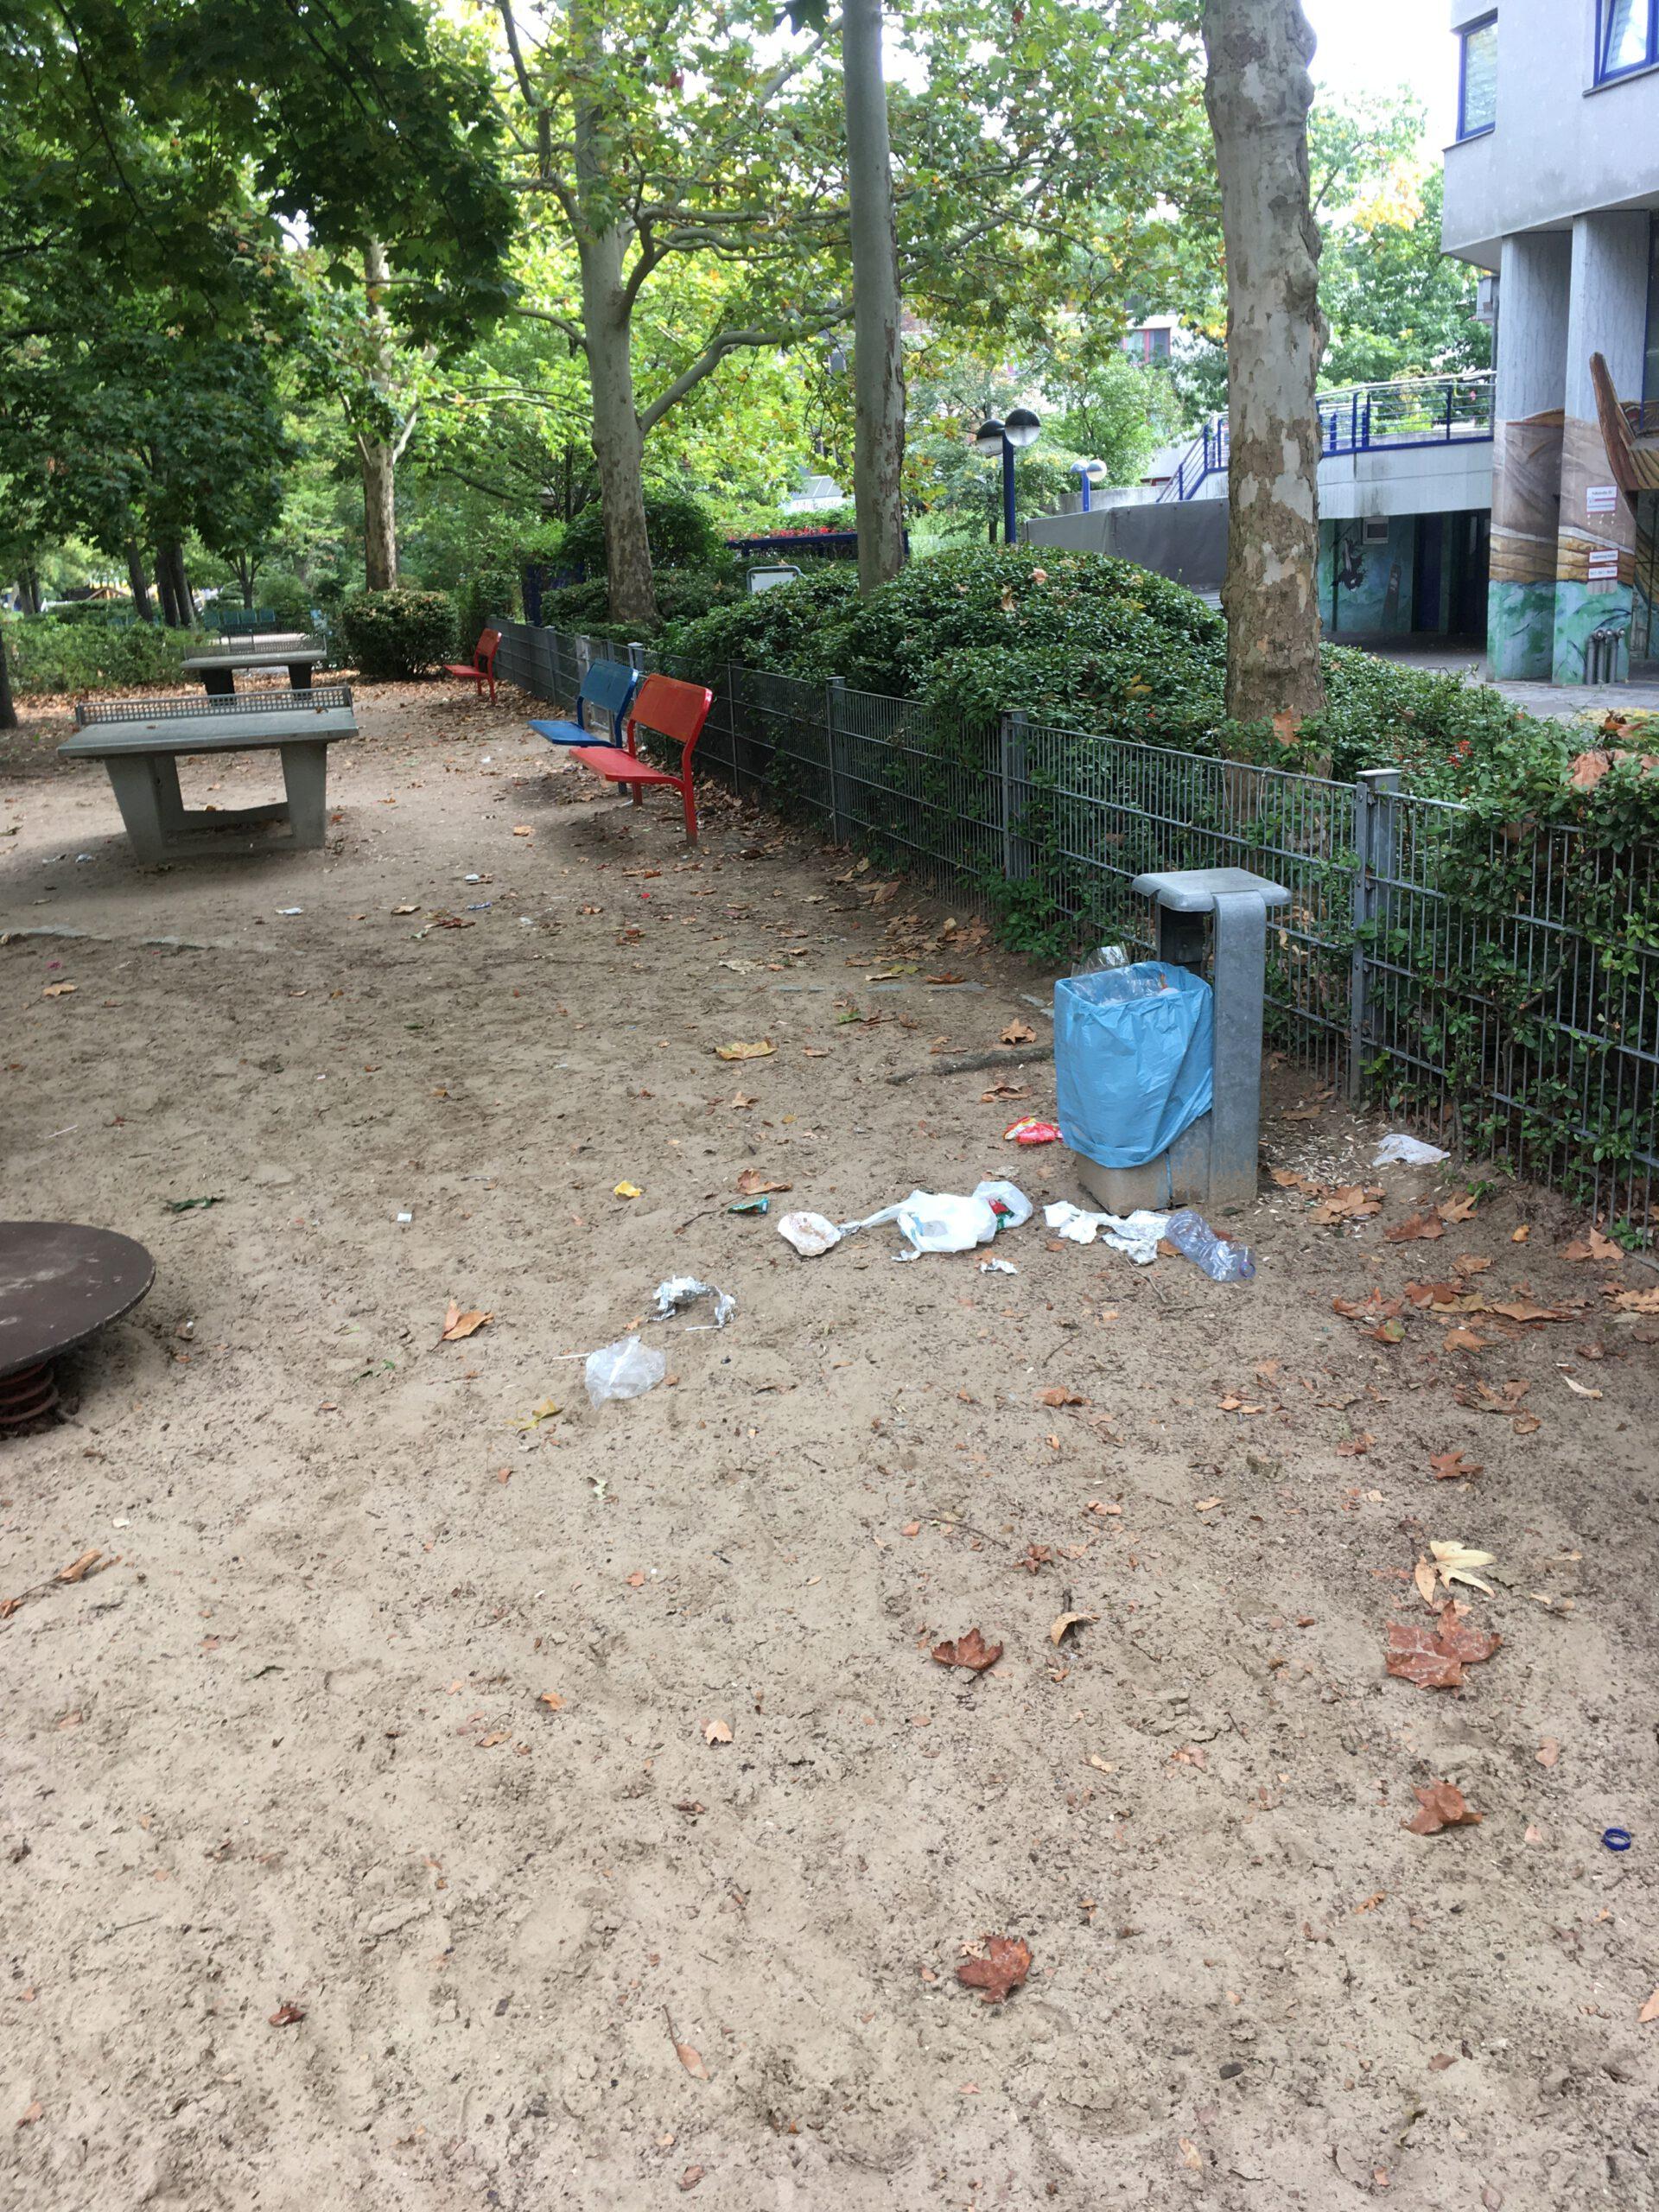 Verdreckter Spielplatz, auch dieser Müll blieb mehr als eine Woche liegen.